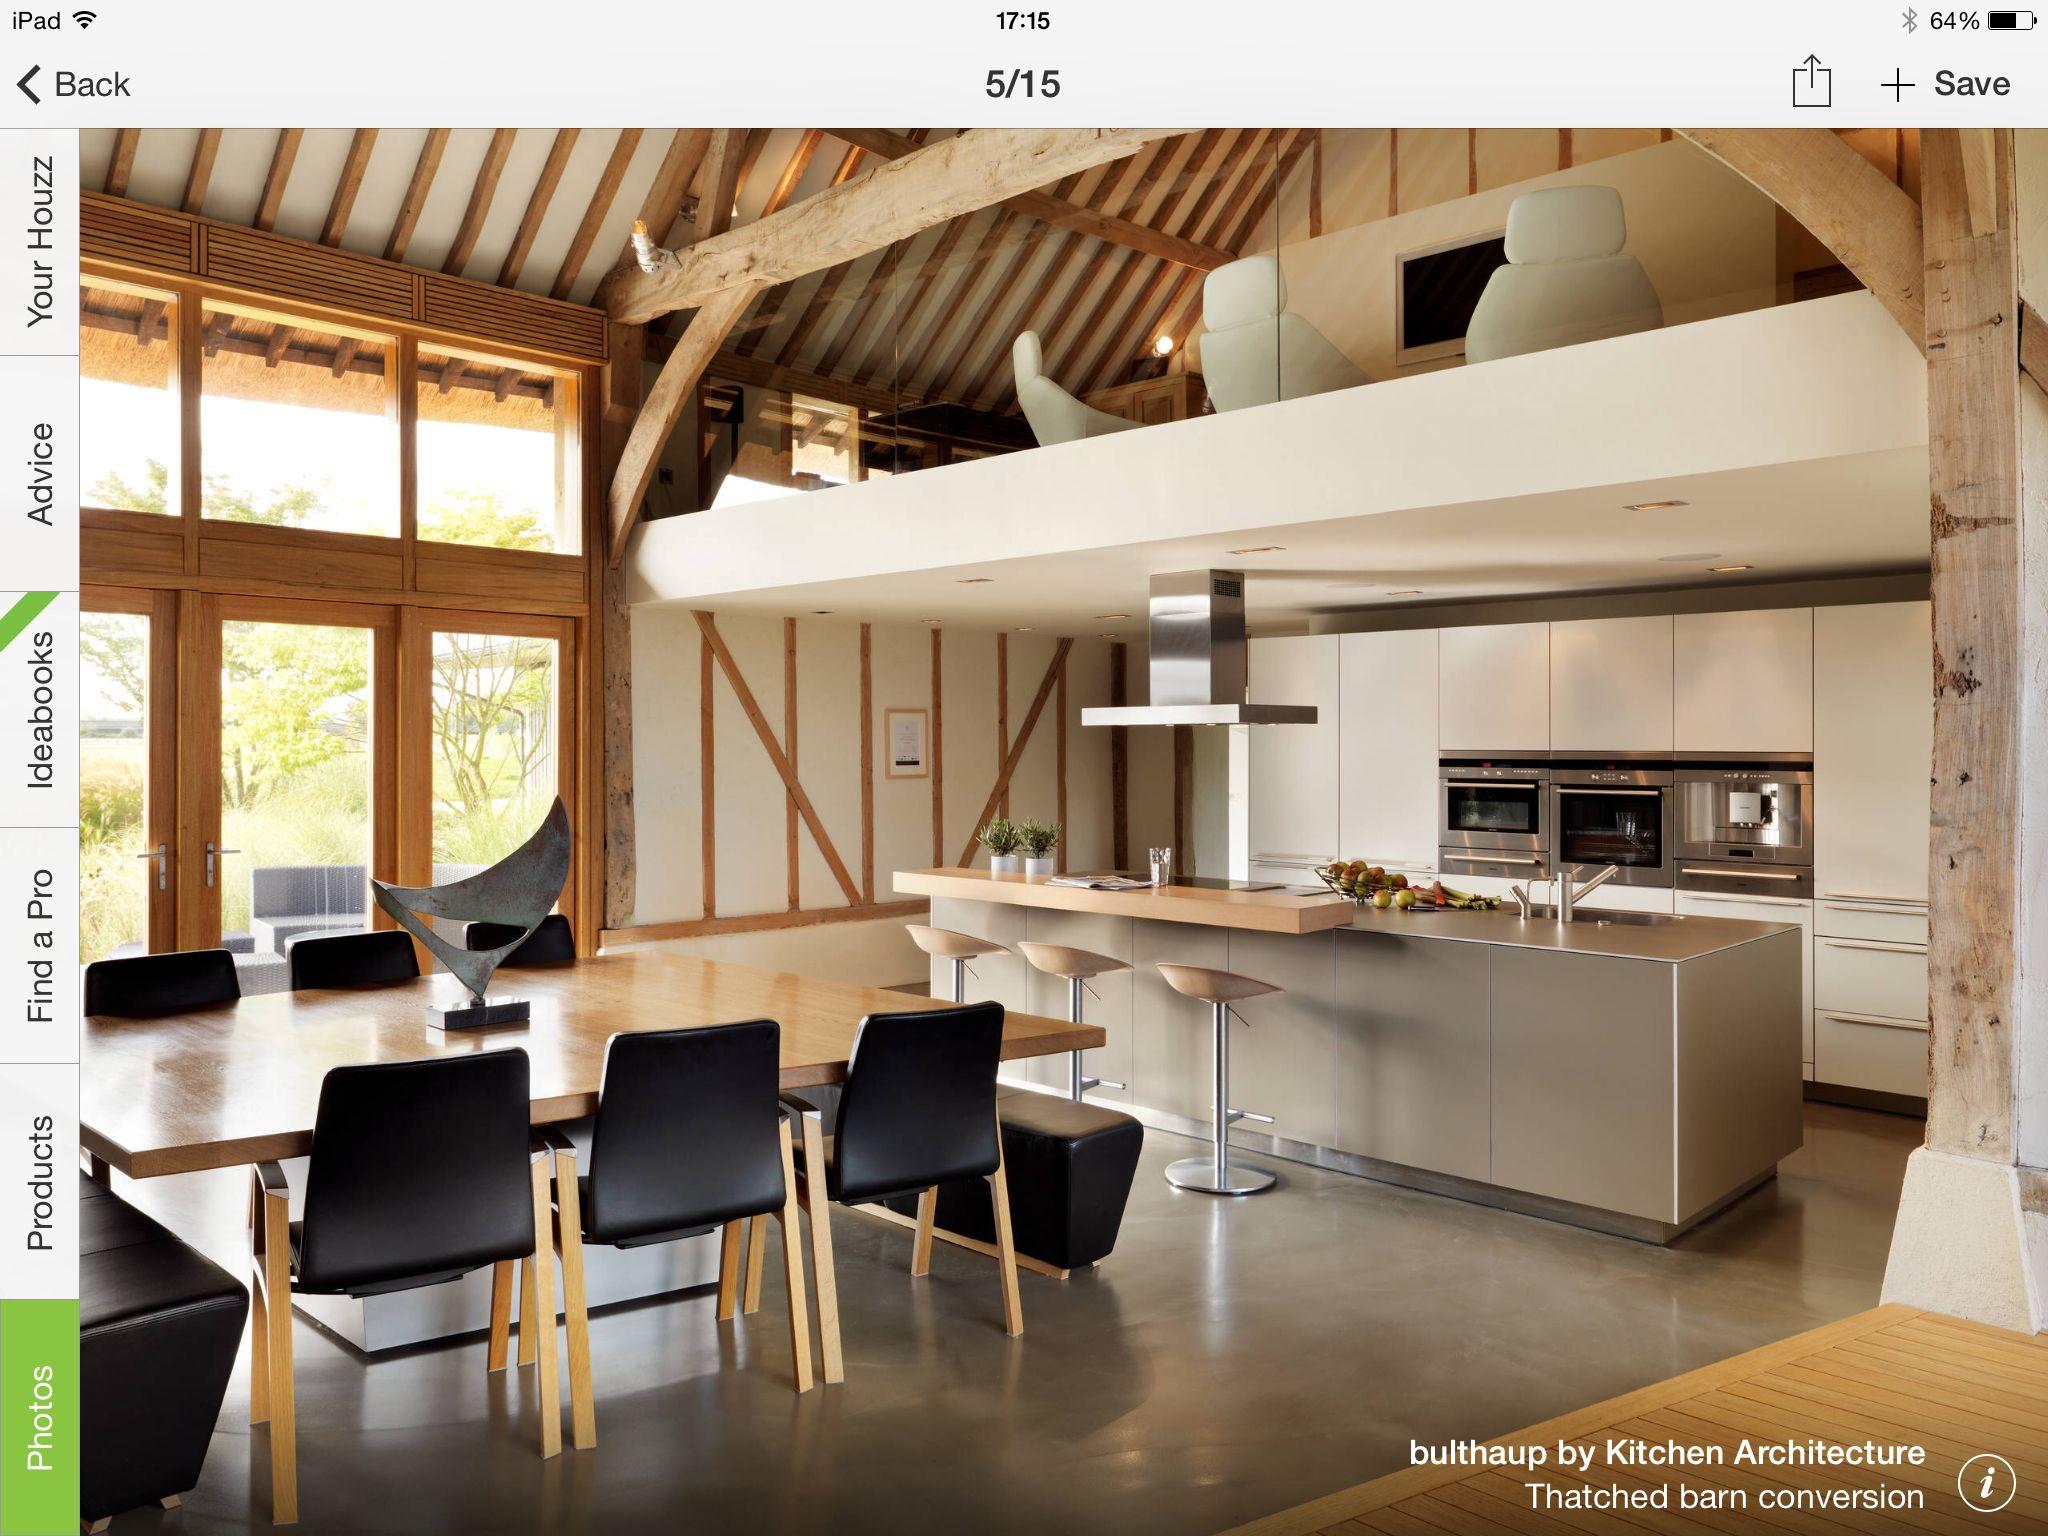 Mezzanine above kitchen barn conversion interiors barn conversion kitchen barn conversions barn conversion